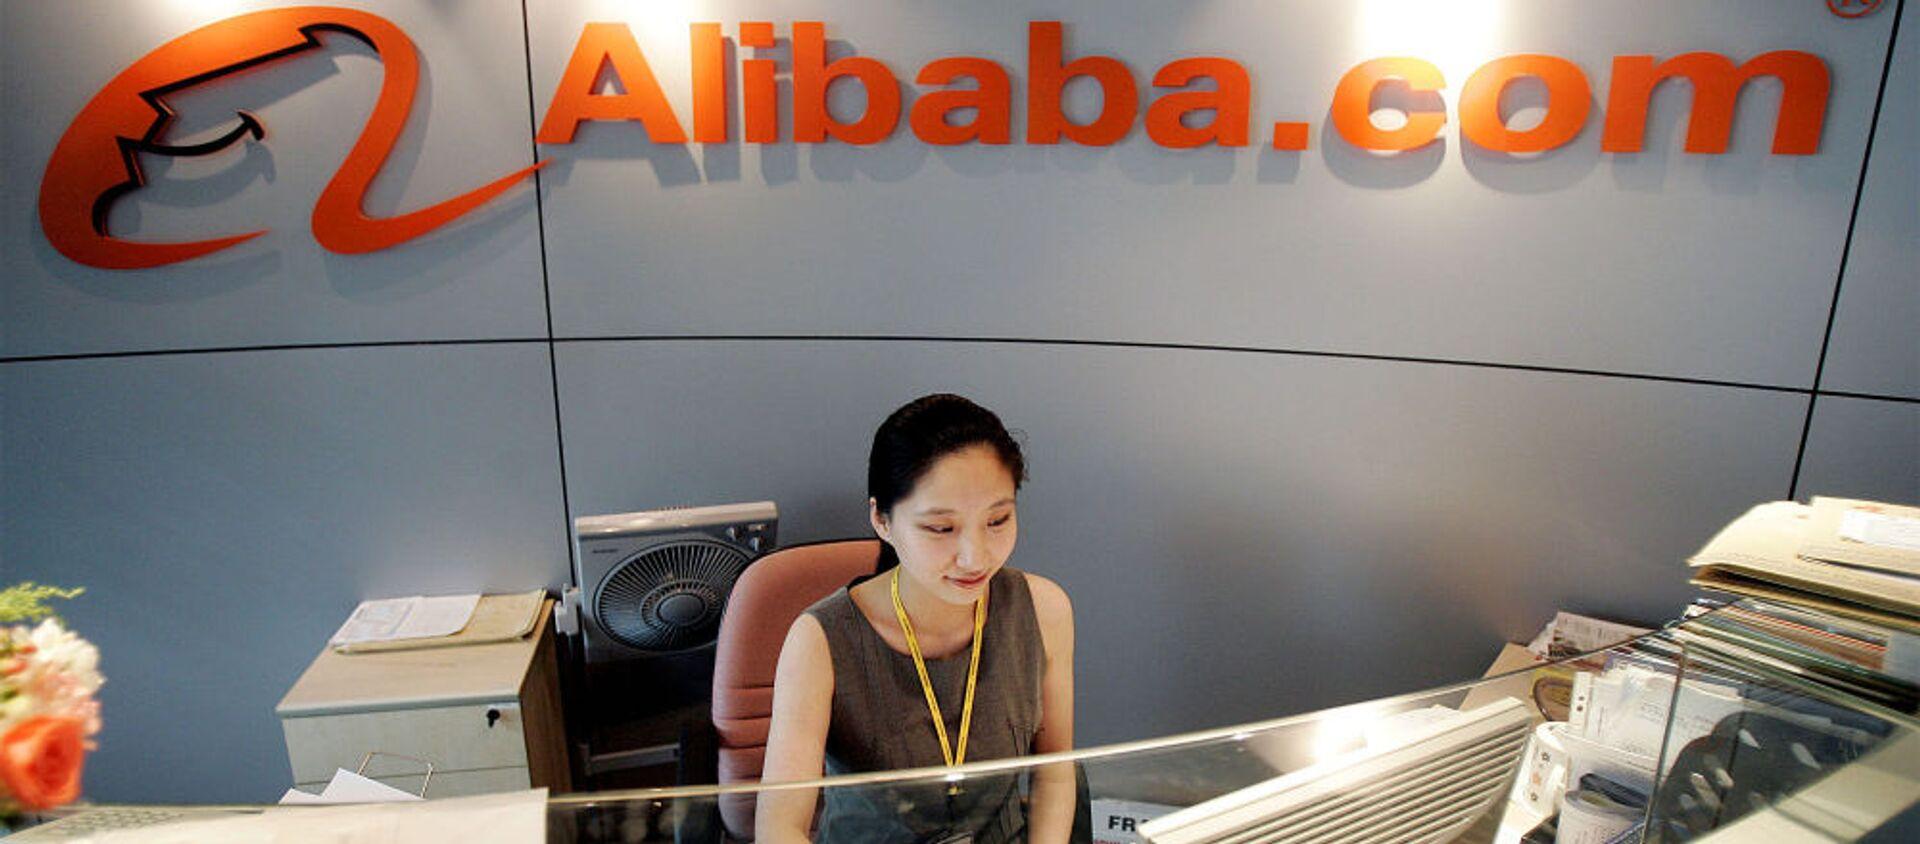 Văn phòng công ty Alibaba tại Thượng Hải, Trung Quốc. - Sputnik Việt Nam, 1920, 15.01.2021